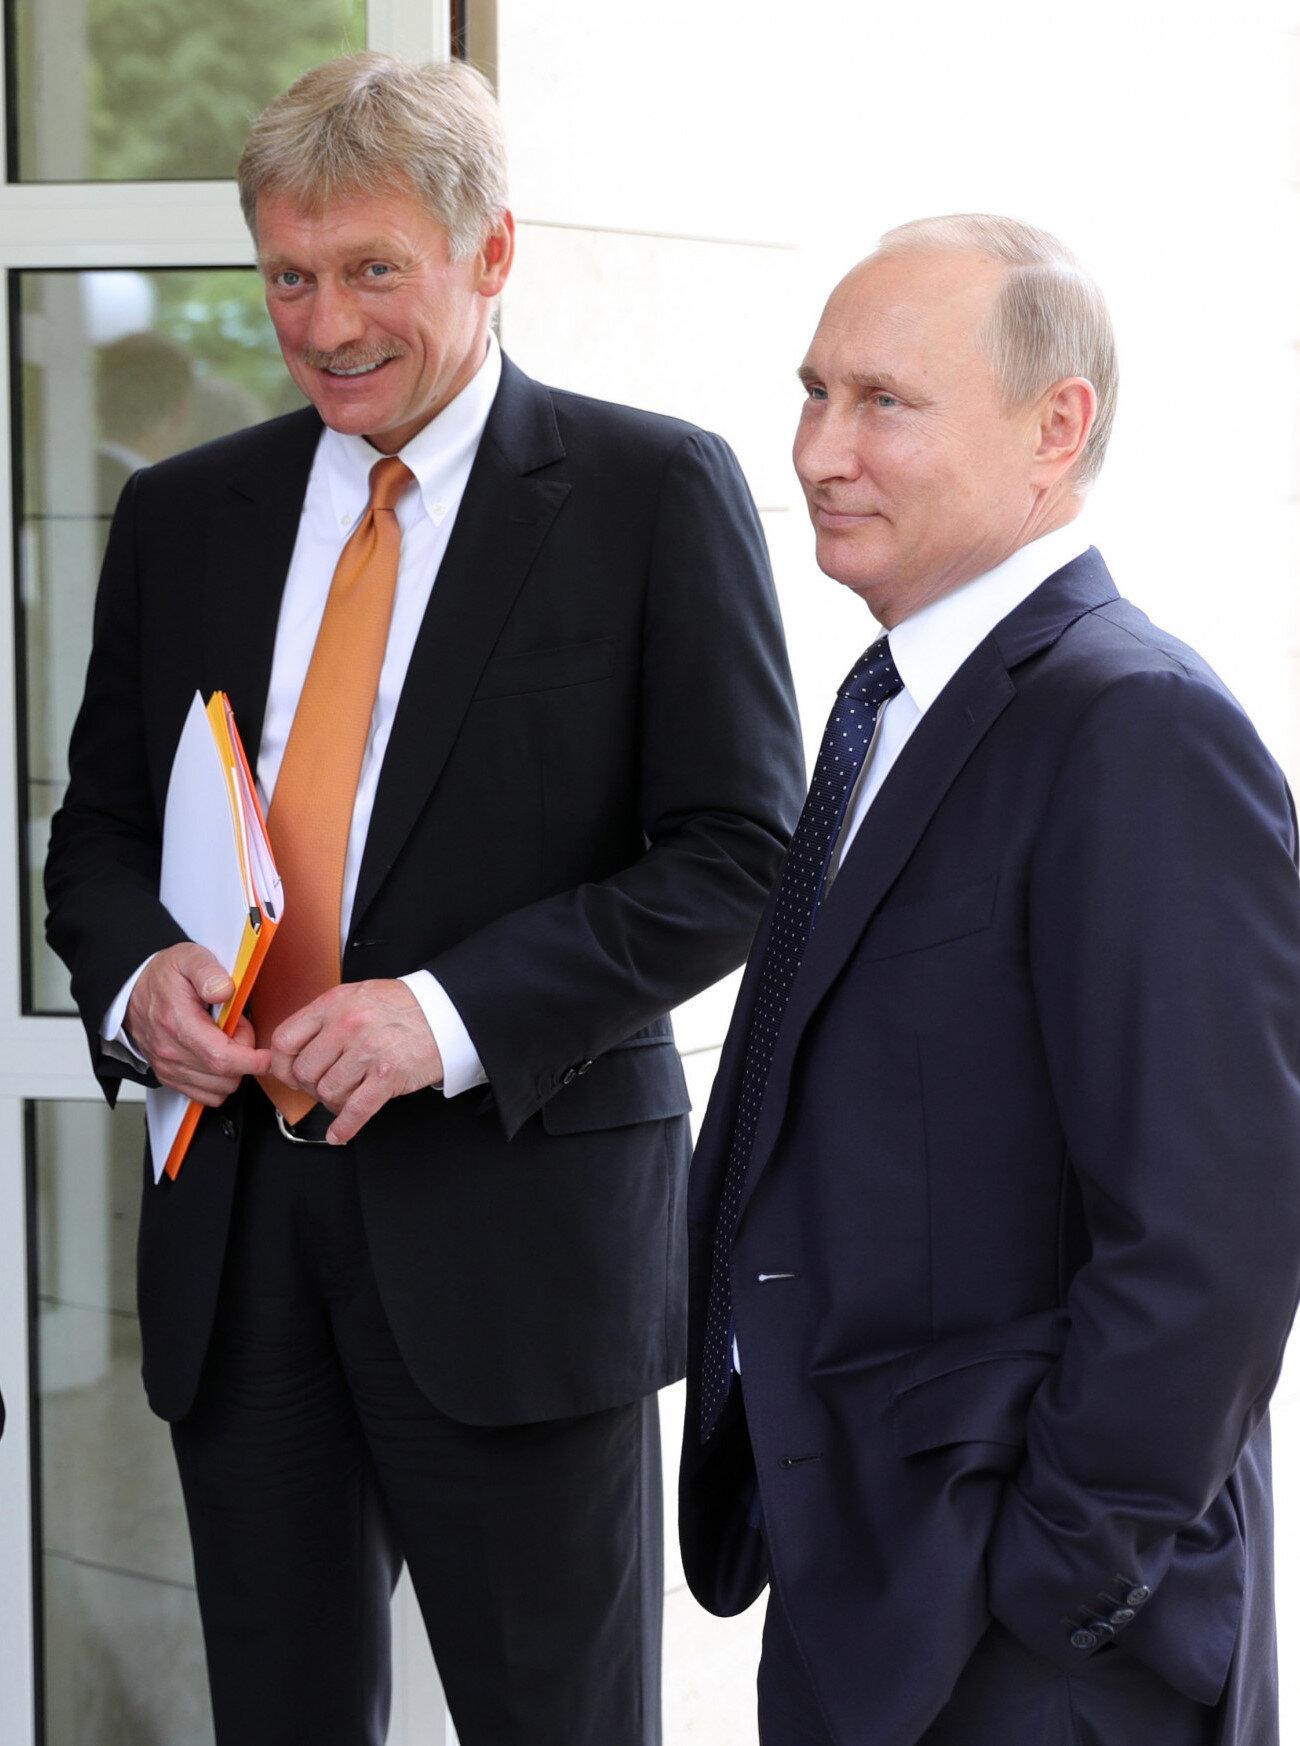 Rusya suçlamaları kesin bir dille reddetti, ABD'yi beceriksizlikle suçladı